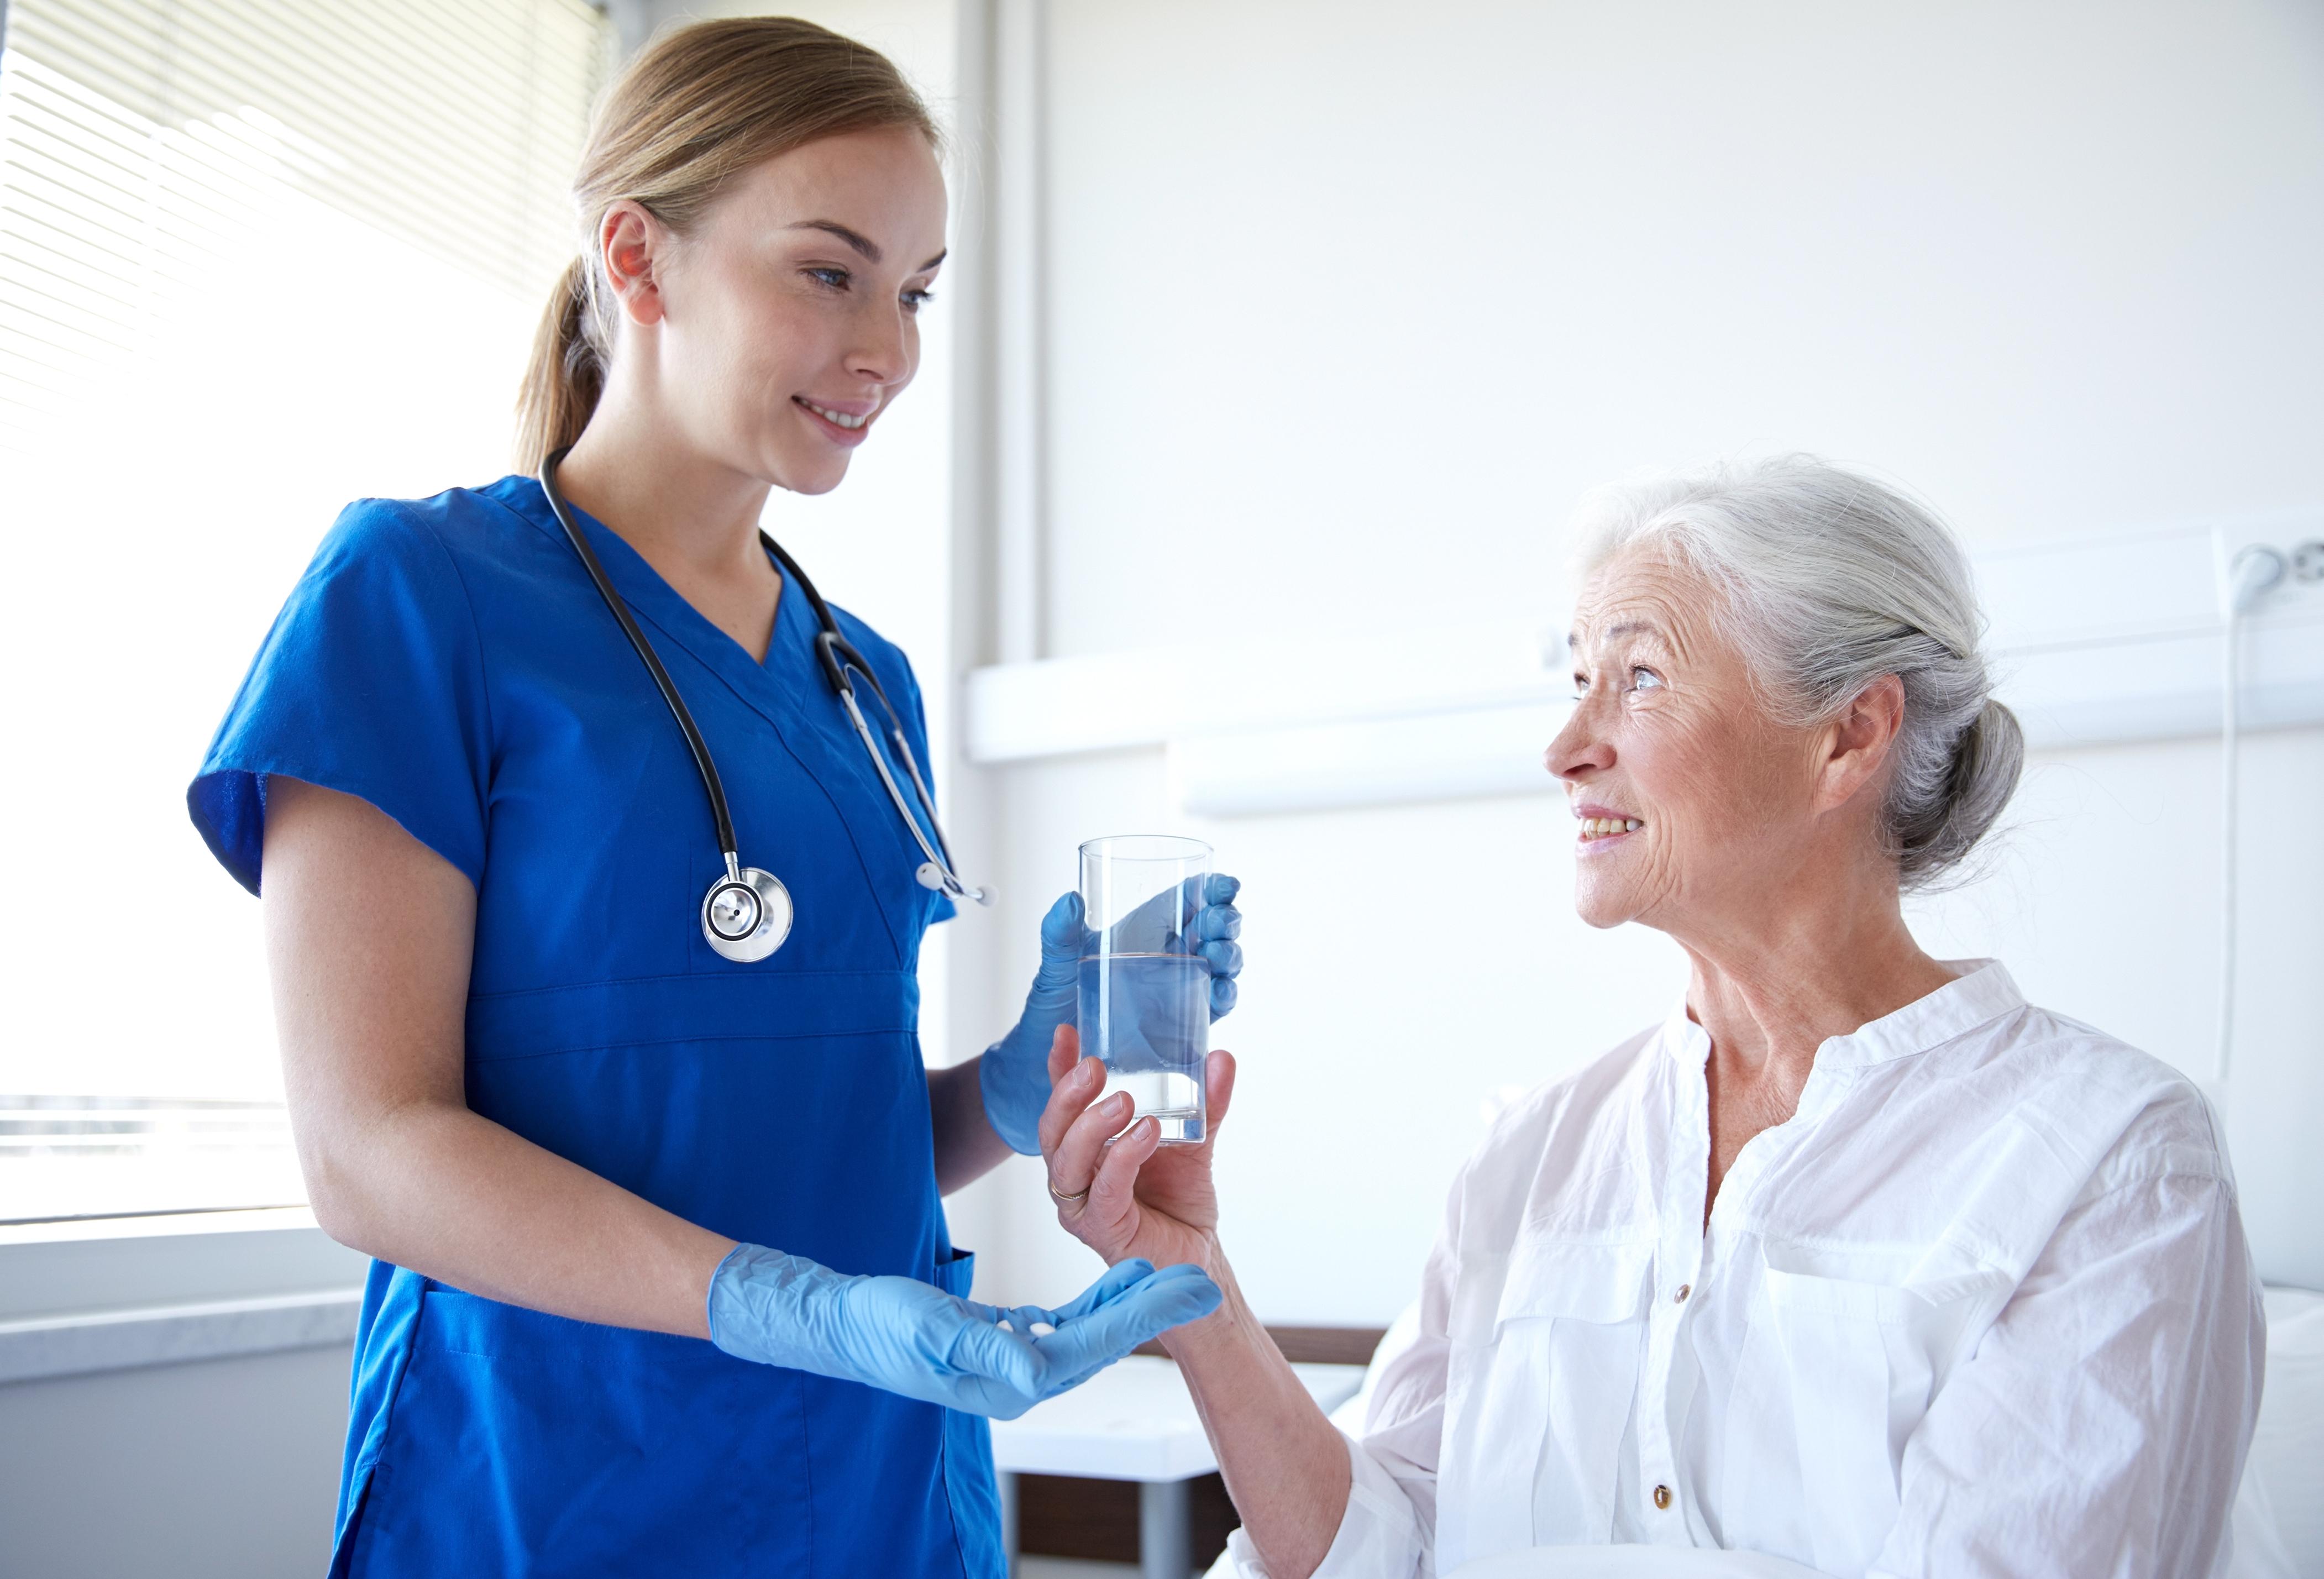 Behandlingen går ut på att man kommer till mottagningen där vårdpersonal distribuerar pillren, man tar pillren och går hem.